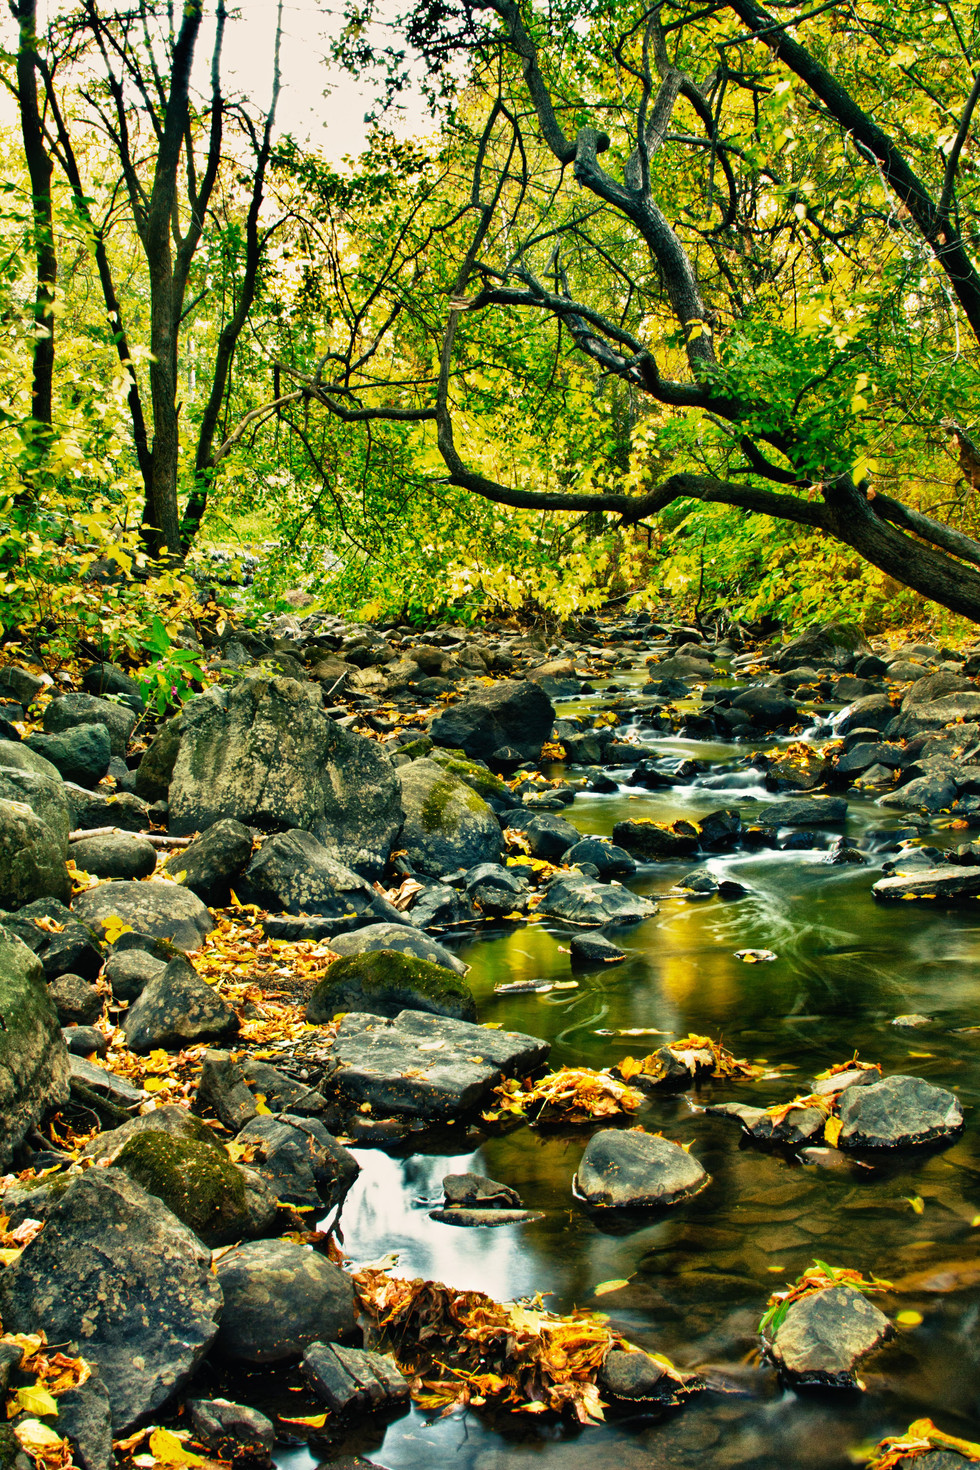 McVicker Creek